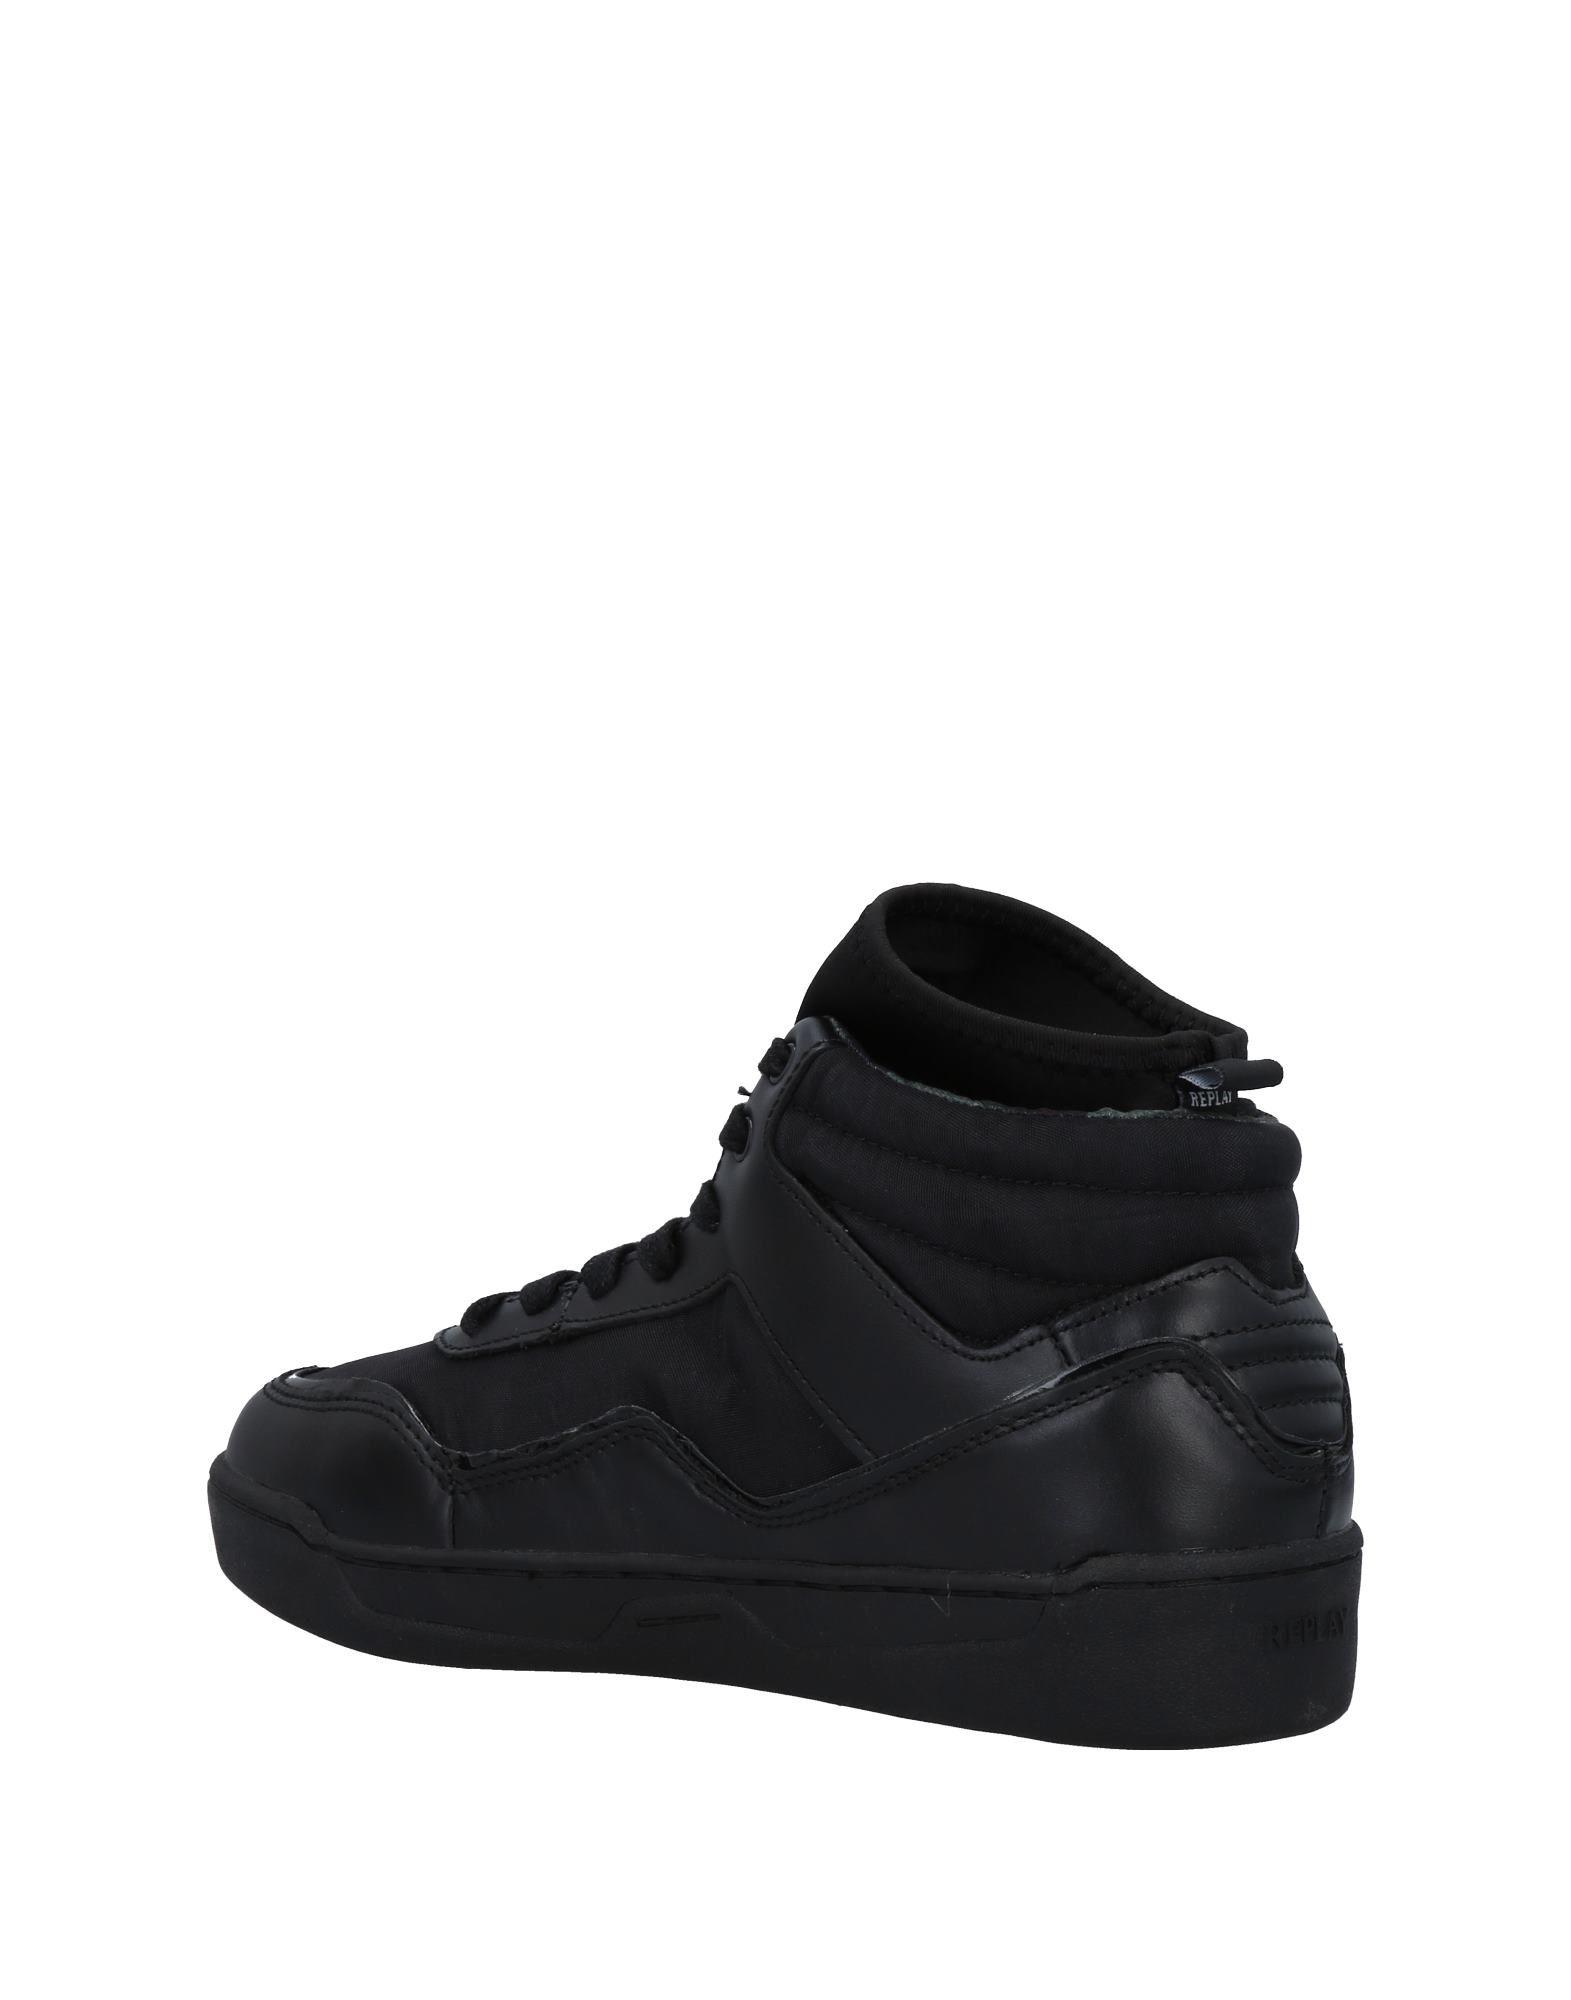 Replay Sneakers Herren  11494230IW 11494230IW  20c67d